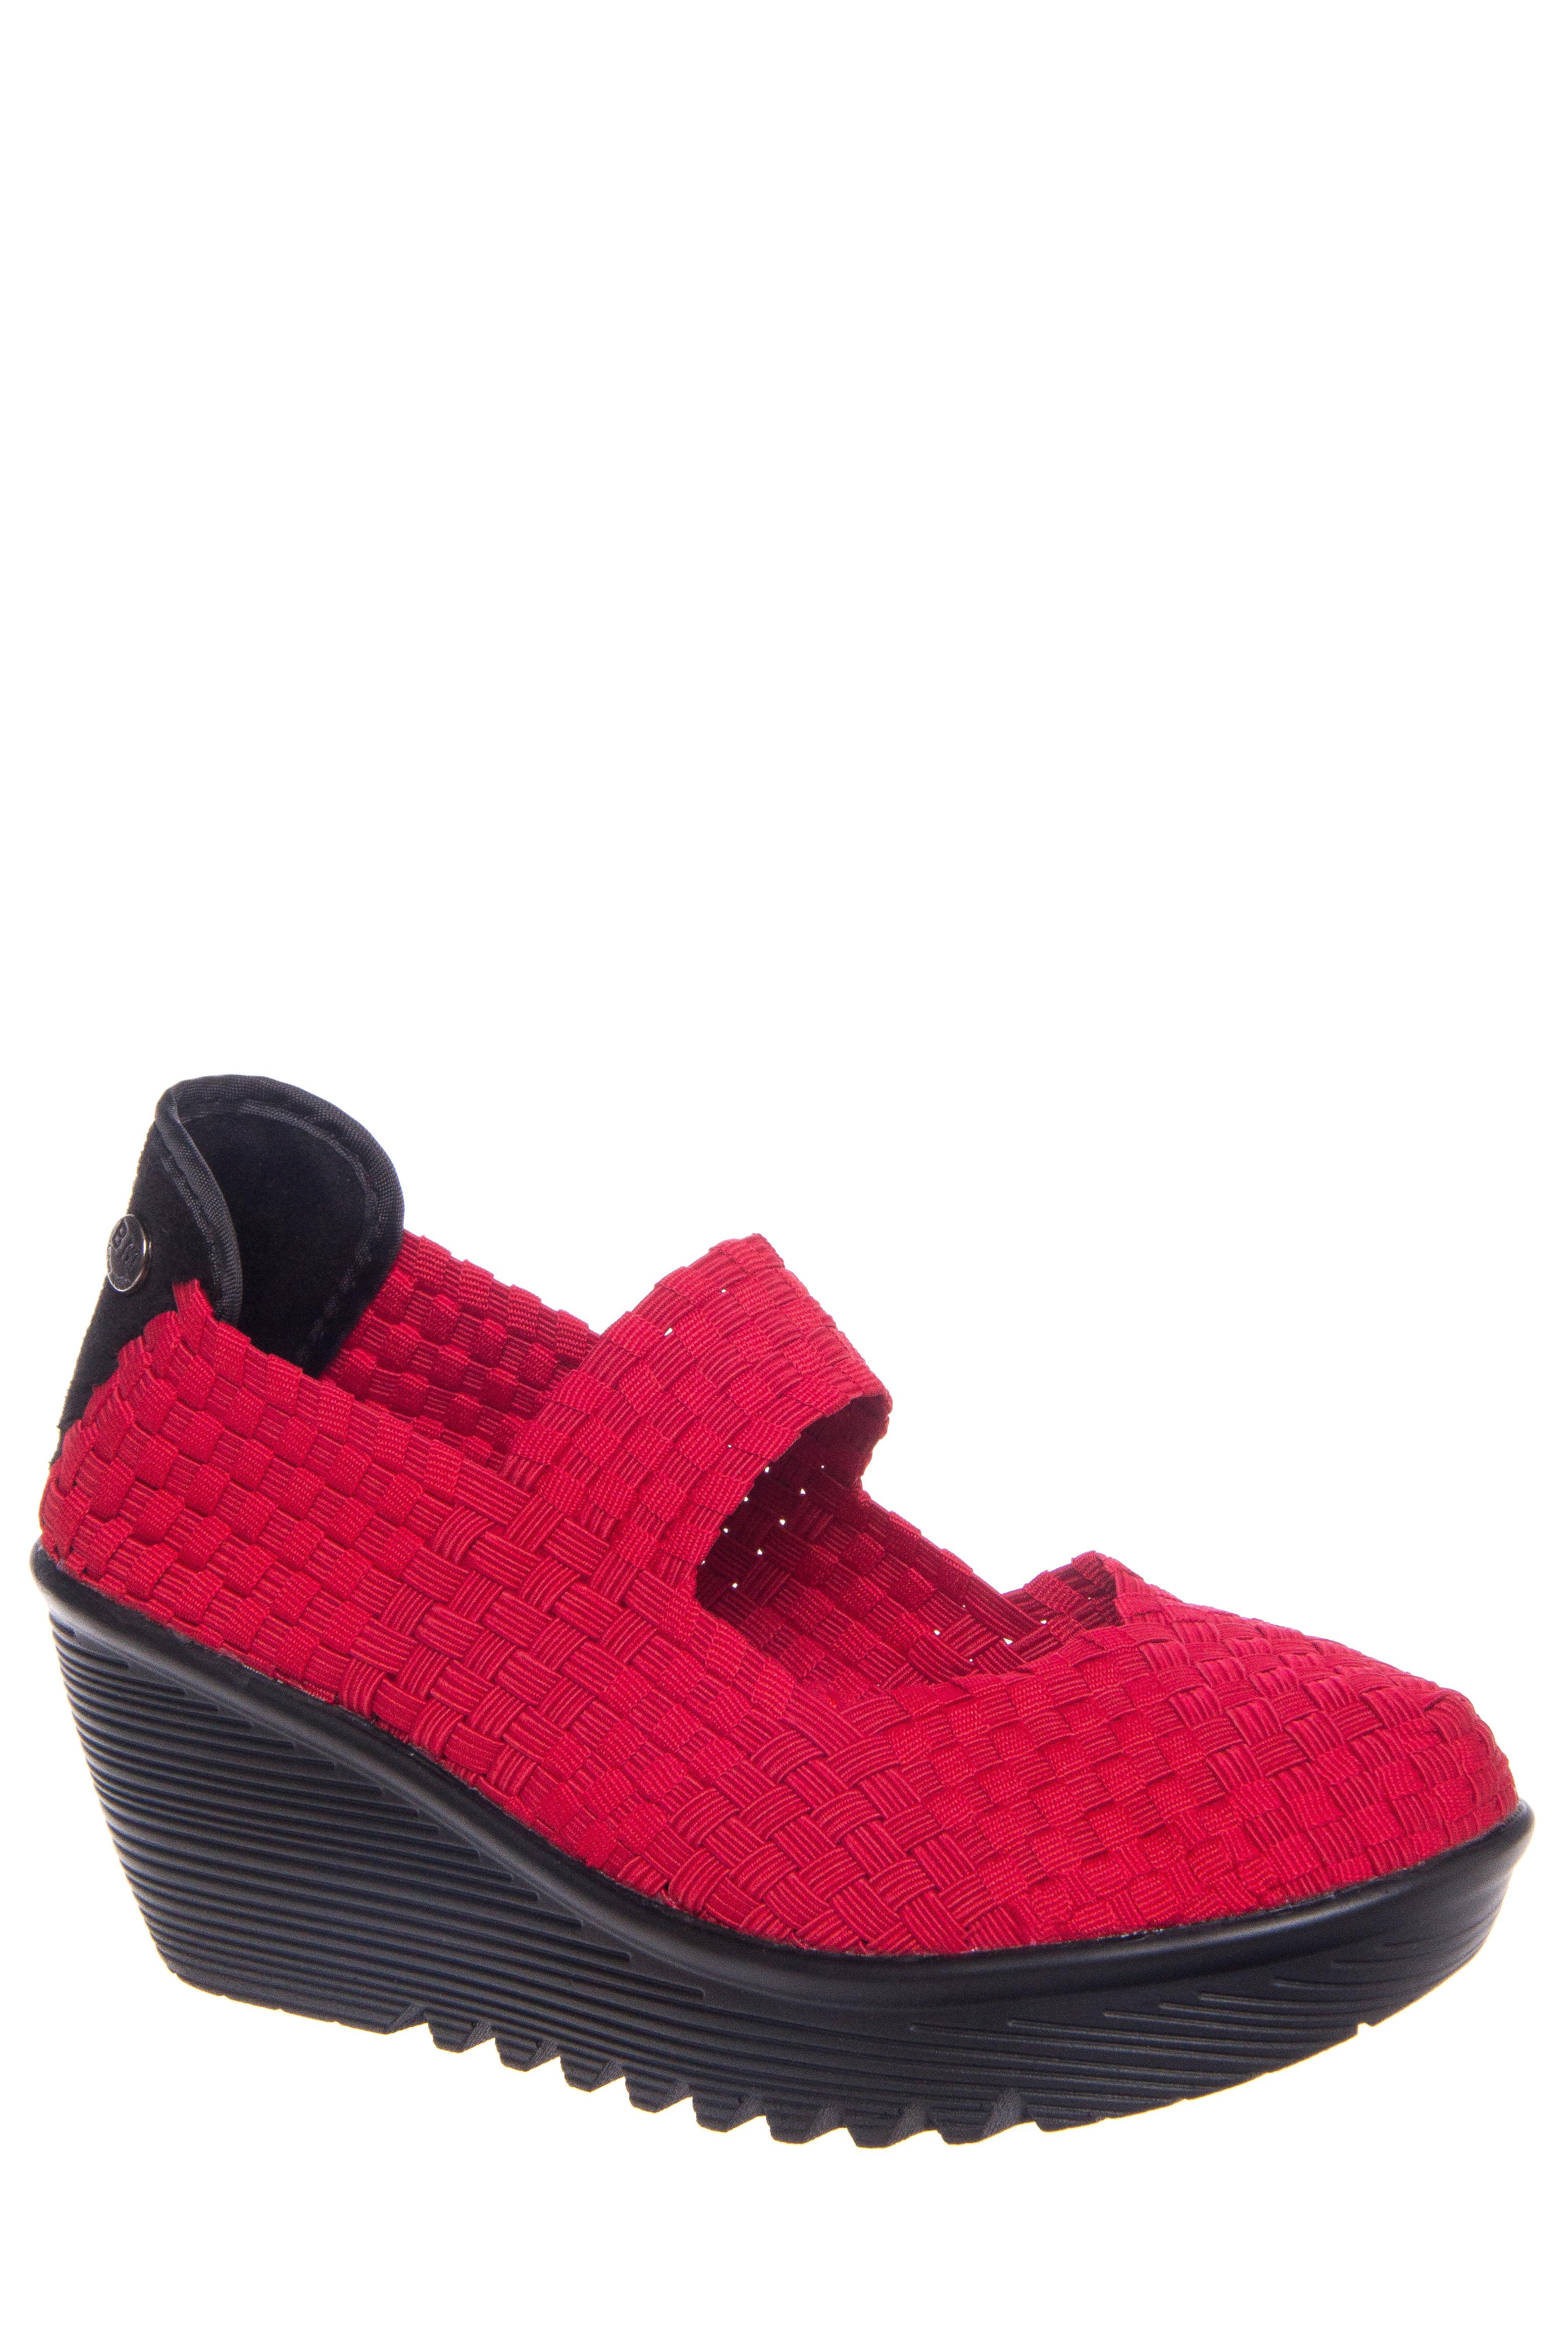 BERNIE MEV Lulia Mid Wedge Heels - Red